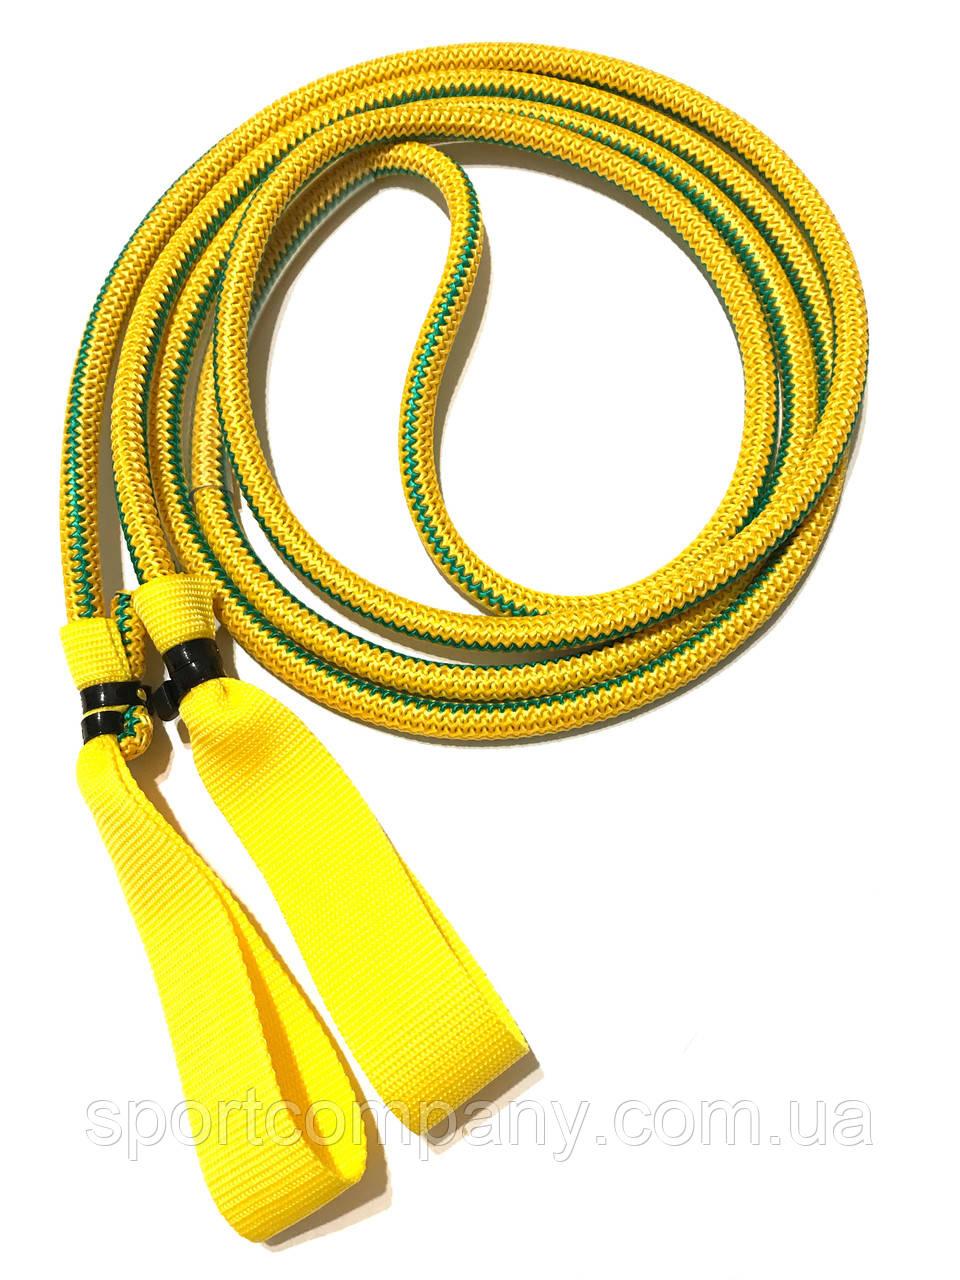 Эспандер для лыжника, боксера, пловца и фитнеса с ручками 12 мм, желтый, 9 метра.